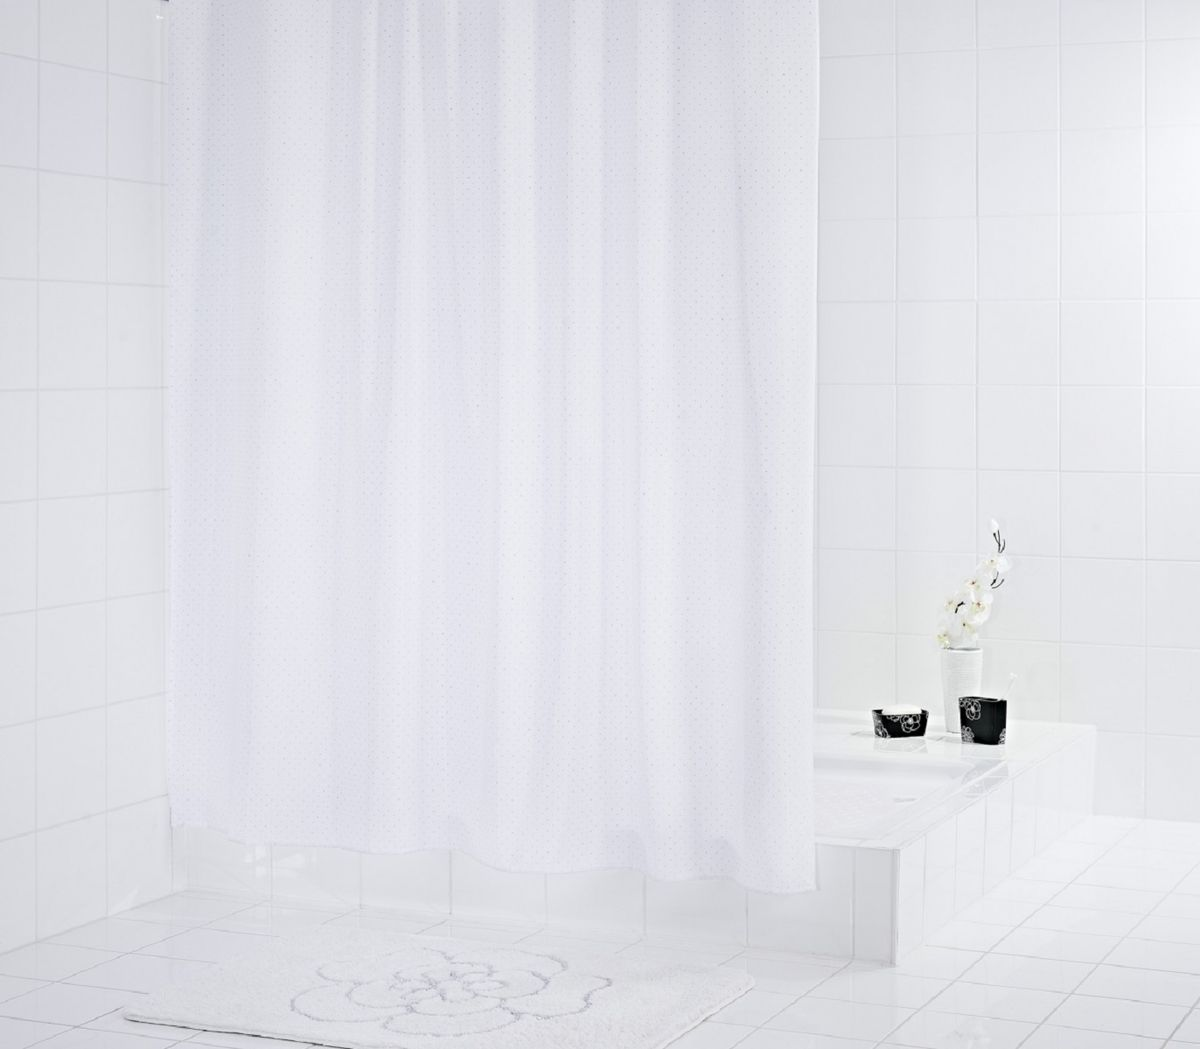 Штора для ванной комнаты Ridder Diamond, цвет: белый , 180 х 200 см391602Штора для ванной комнаты Ridder Diamond, изготовленная из полиэстера с антигрибковым и антистатическим покрытием, отлично дополнит любой интерьер ванной комнаты. Нижний кант утяжелен каучуковой лентой.